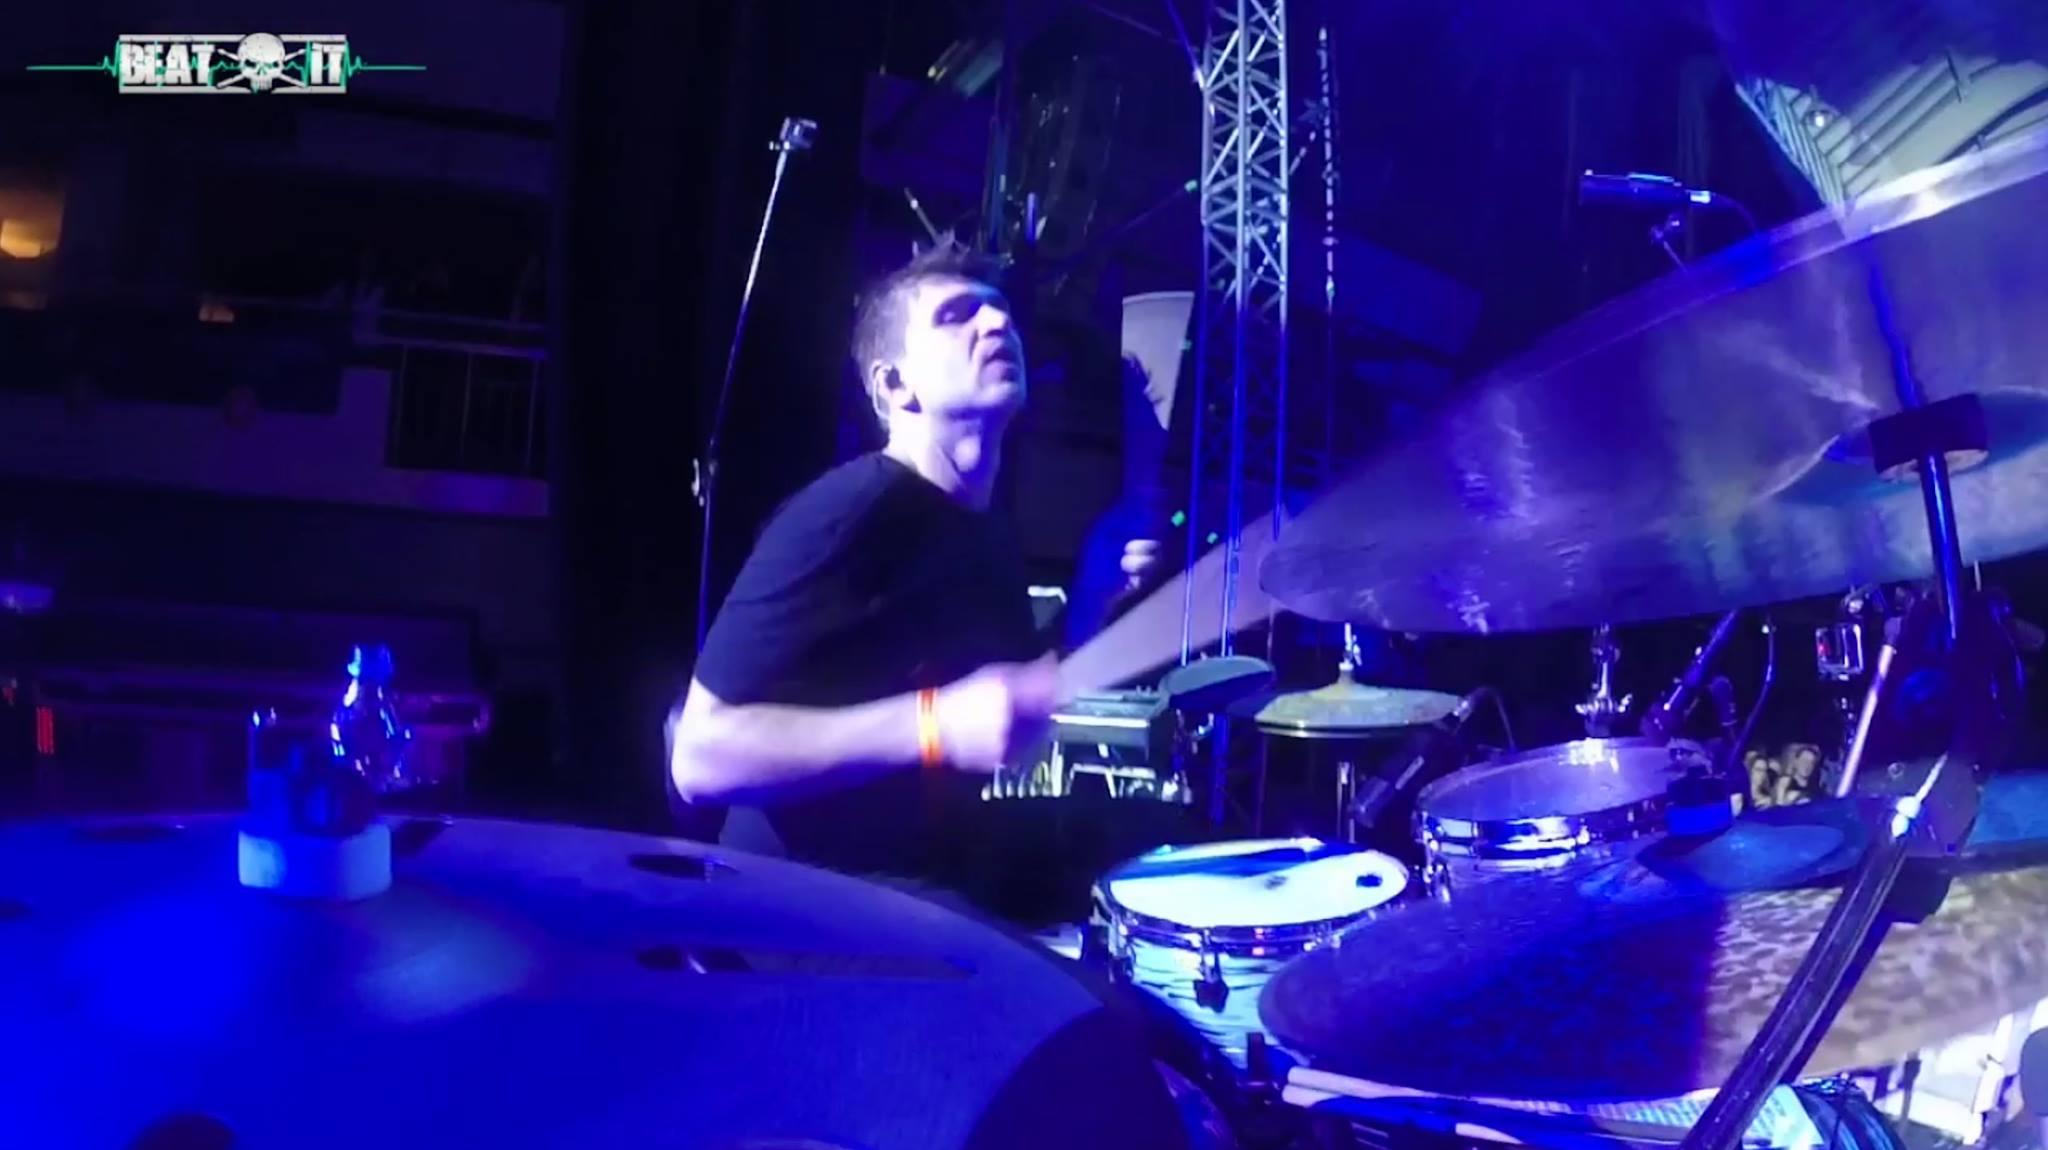 Jarek Dubiński & Happysad LIVE, Pt. 1